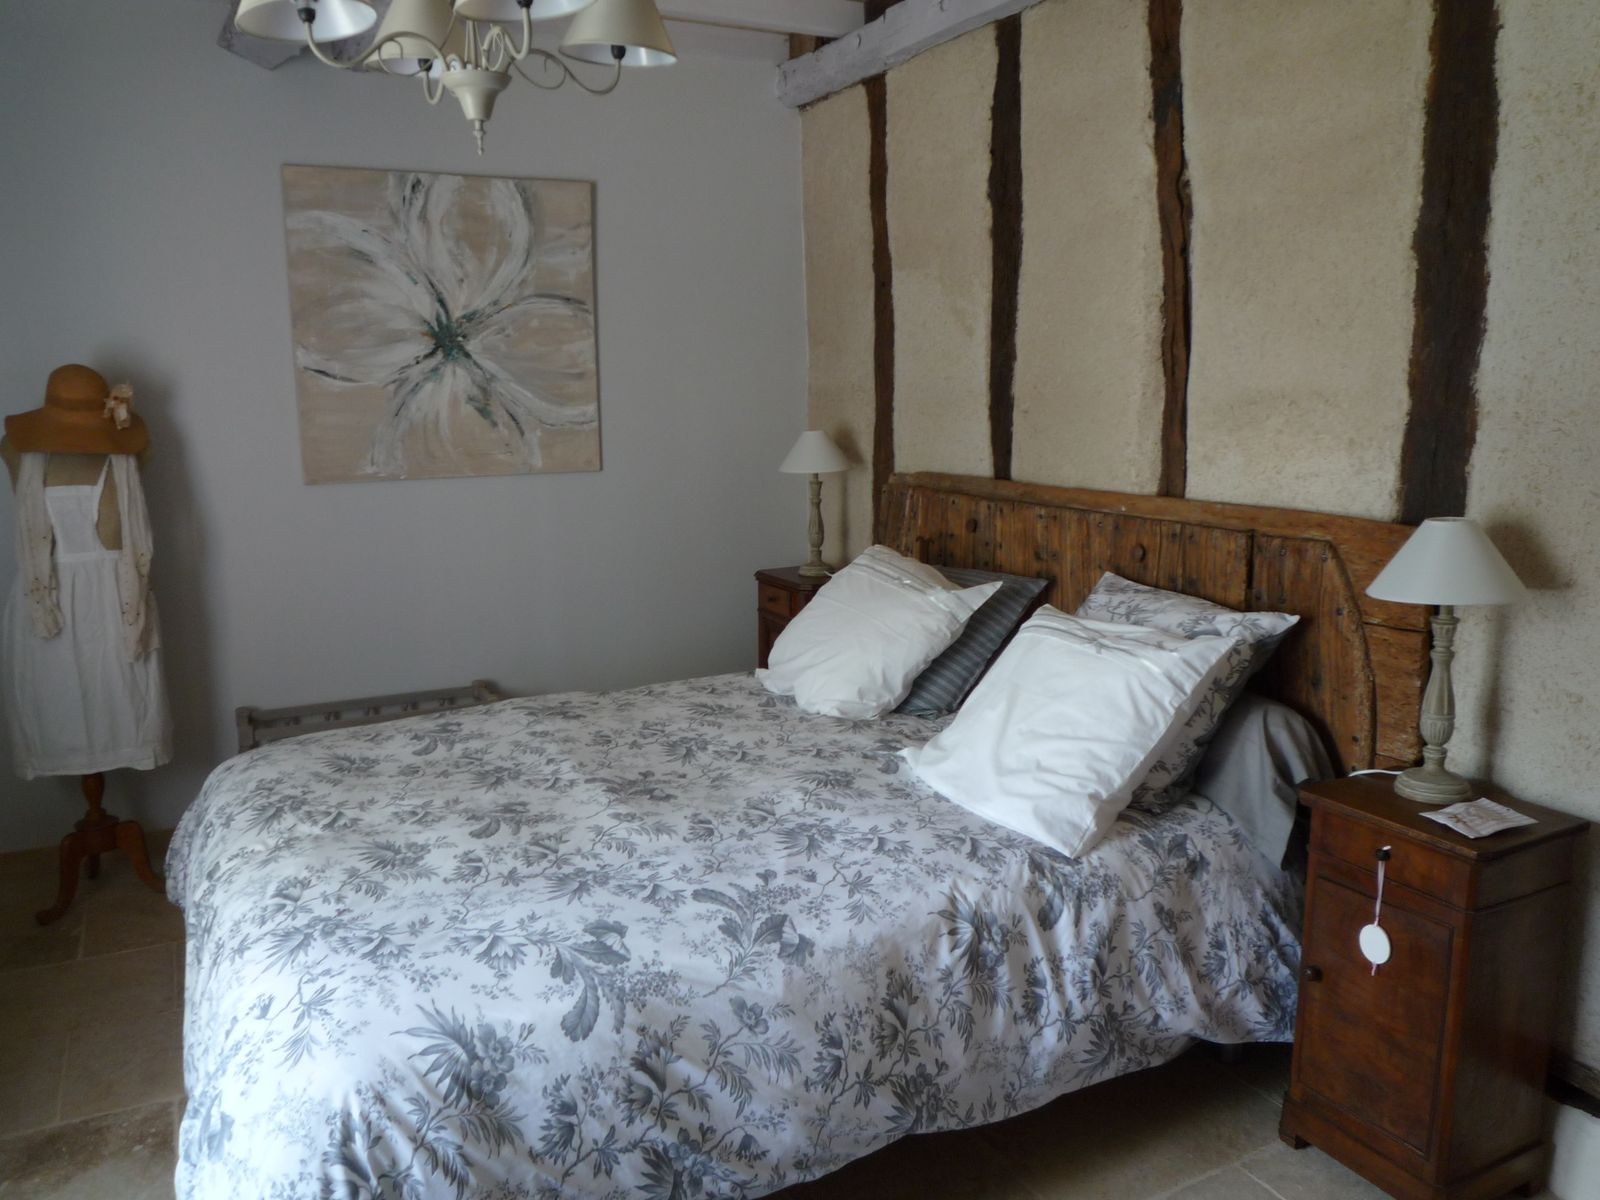 Lit 160 chevets et tête de lit ;porte d'origine du 18è siècle